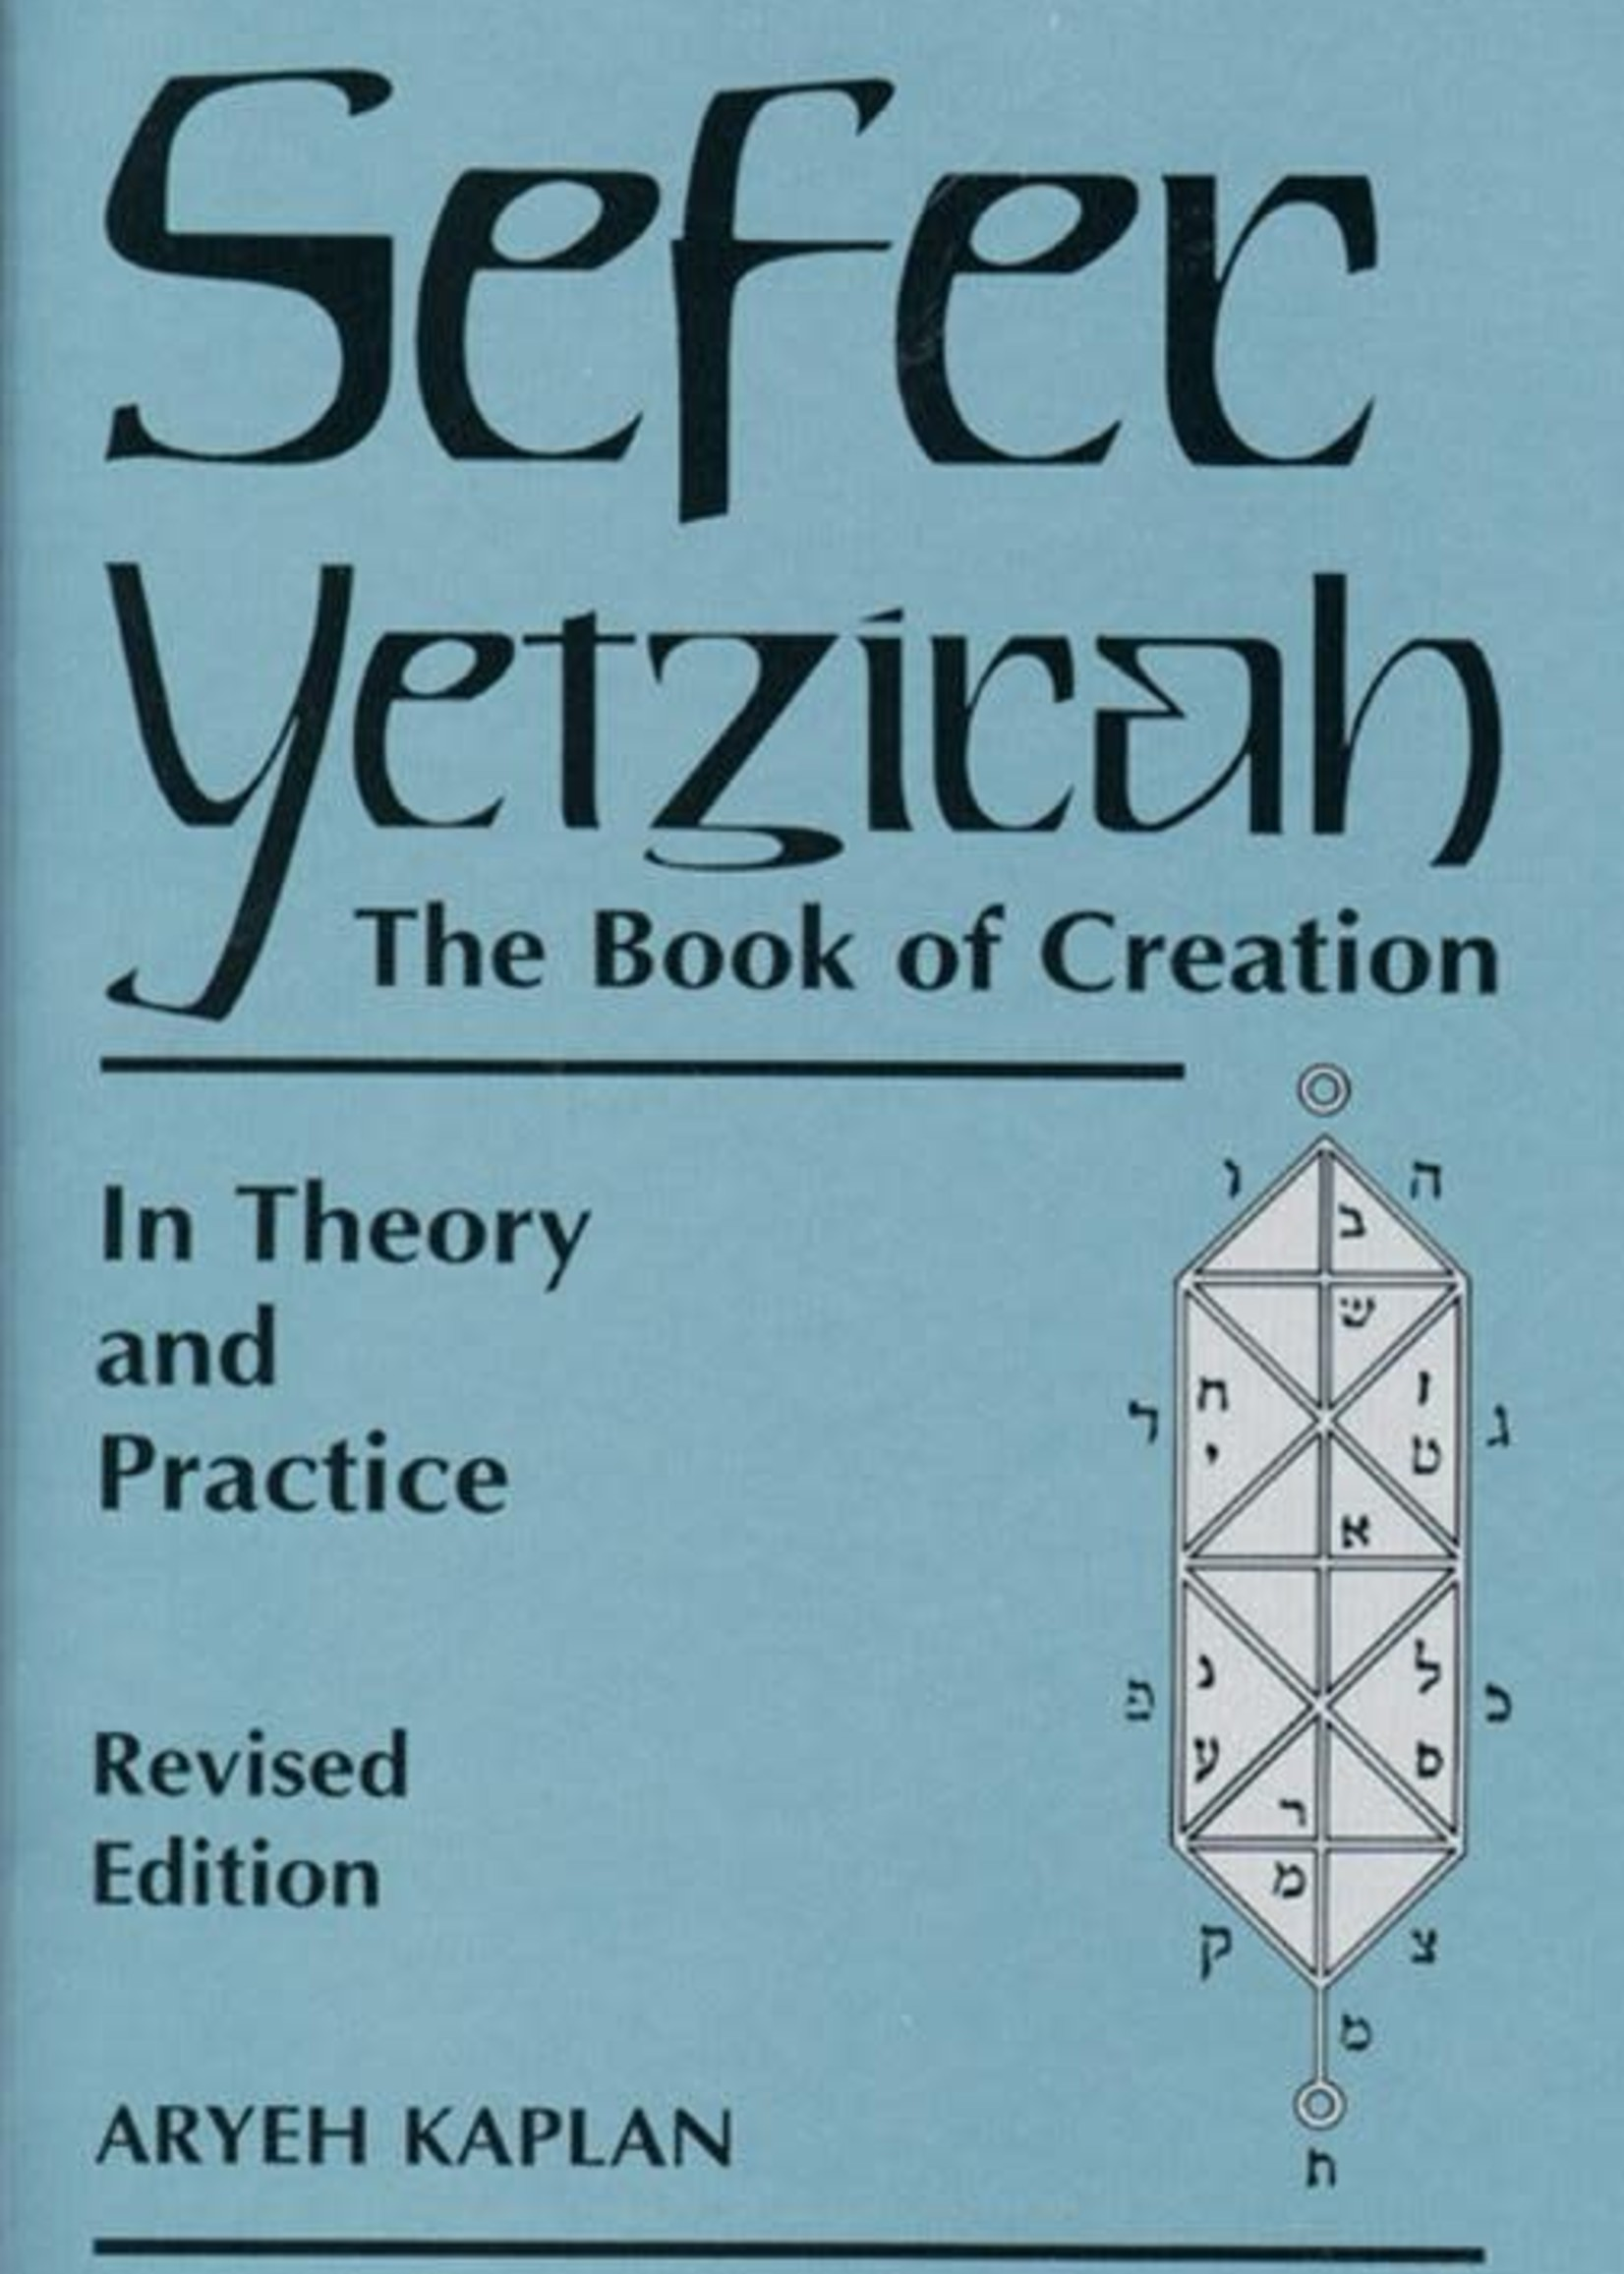 Sefer Yetzirah - The Book of Creation (Aryeh Kaplan)